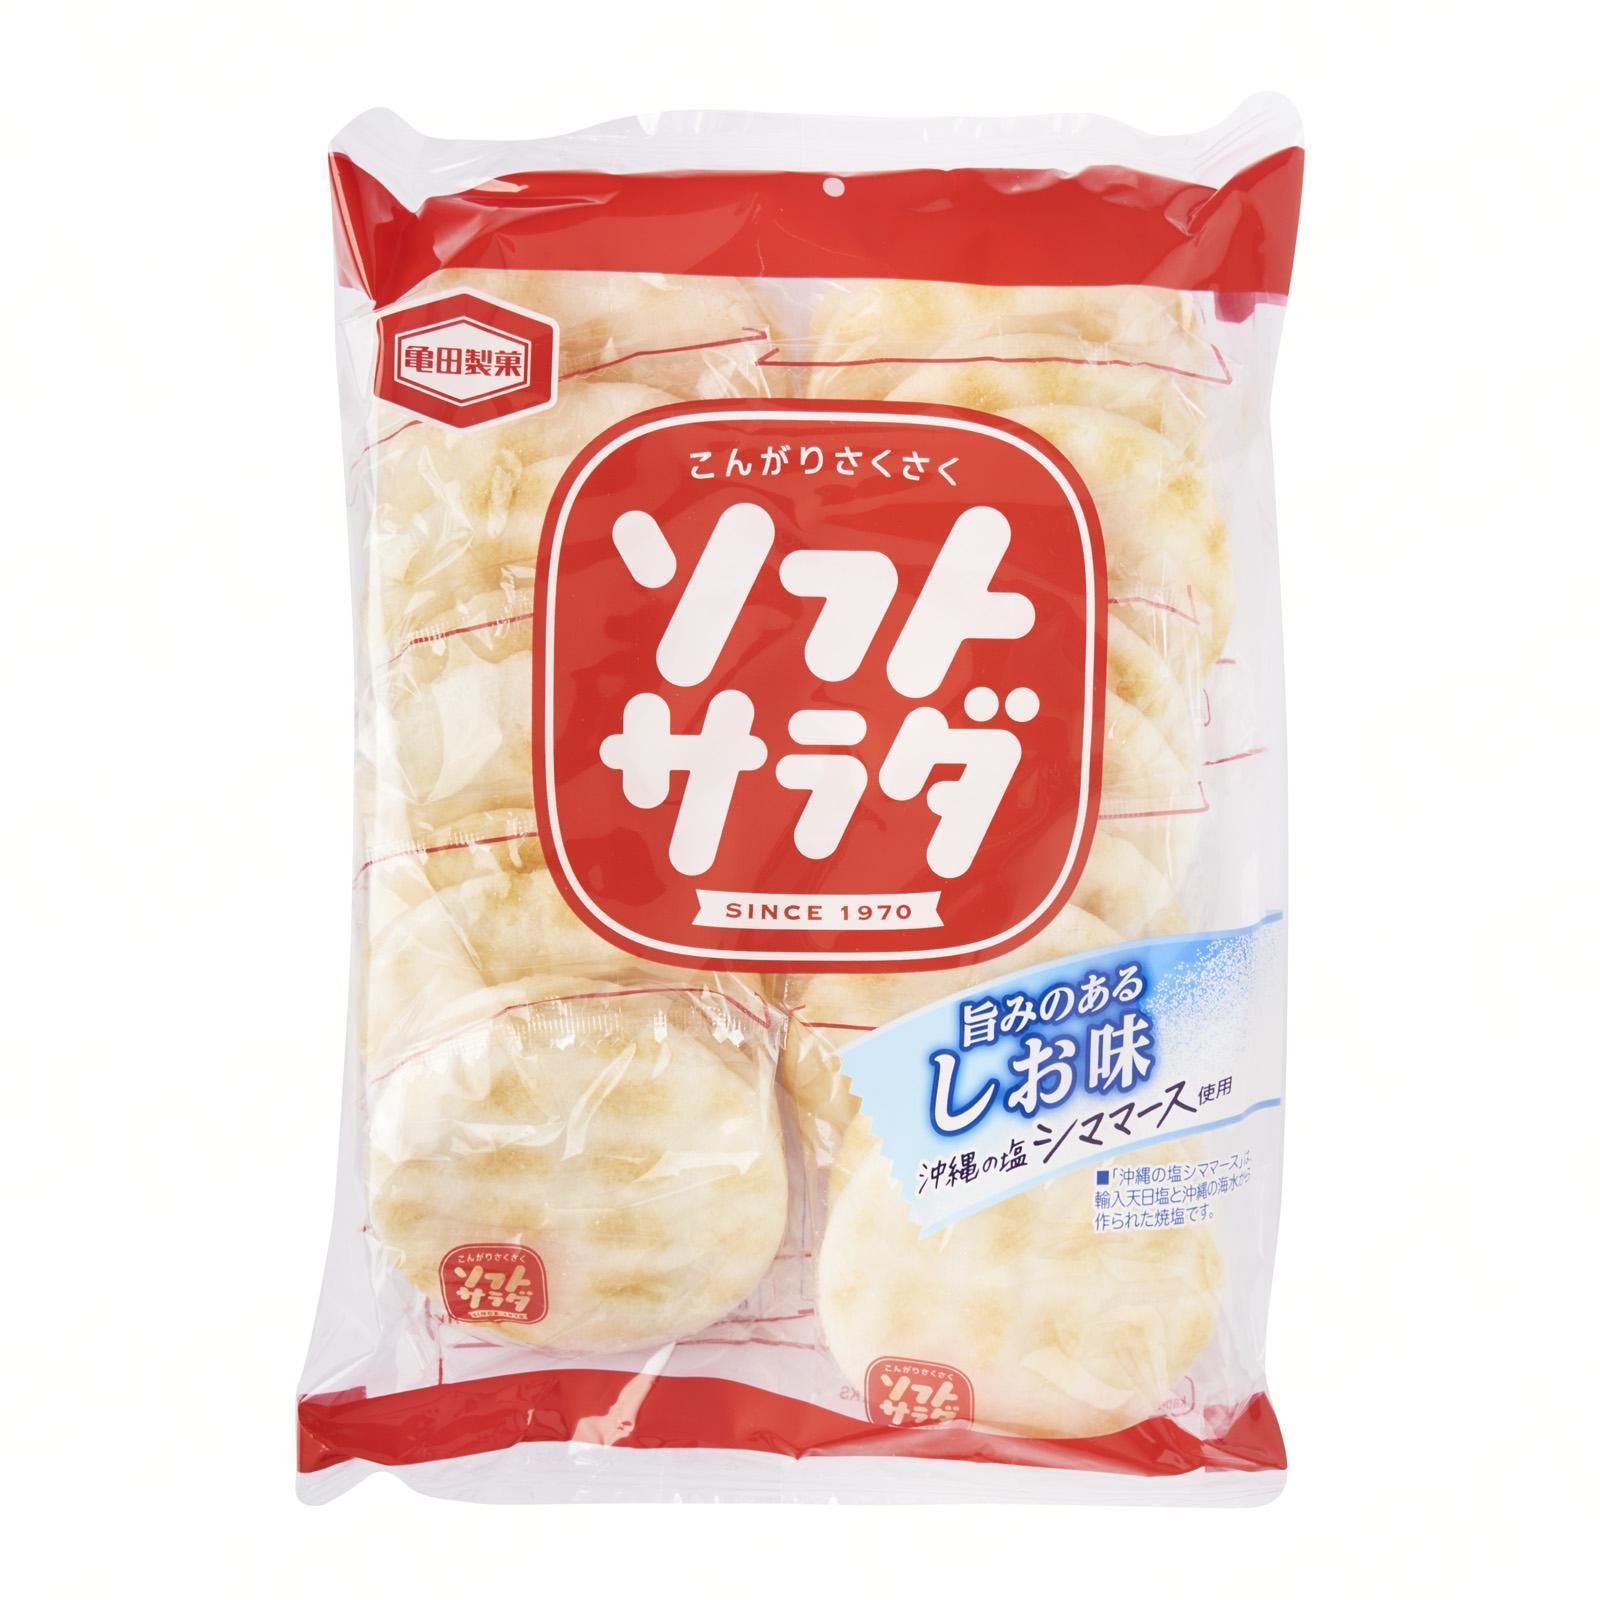 Kameda Soft Salad Japanese Rice Cracker - By J-mart Japanese Food Market